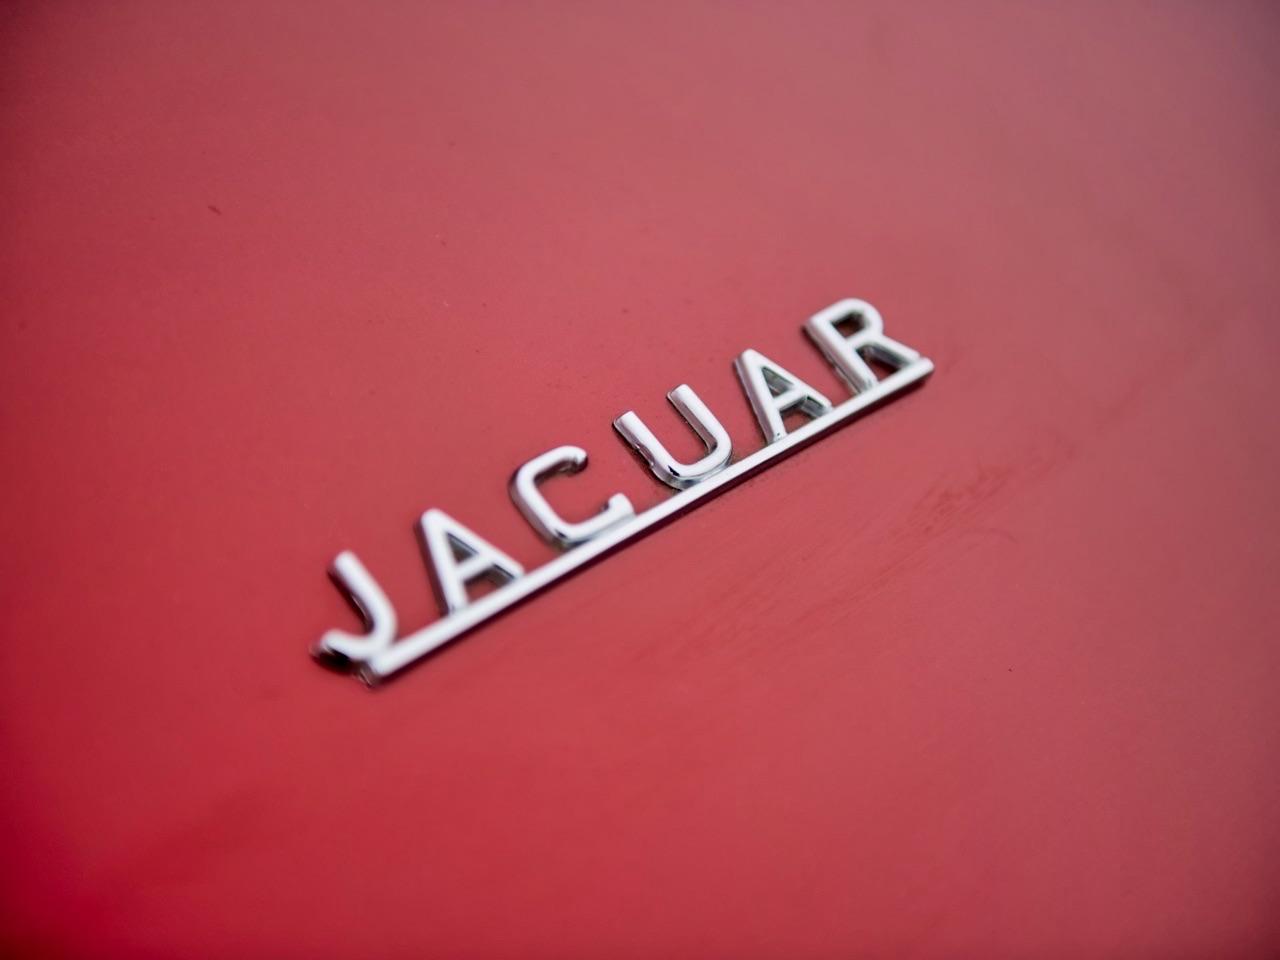 Restomod Jaguar Mk2 3.8... enfin, plutôt Beacham V8 Supercharged ! 2